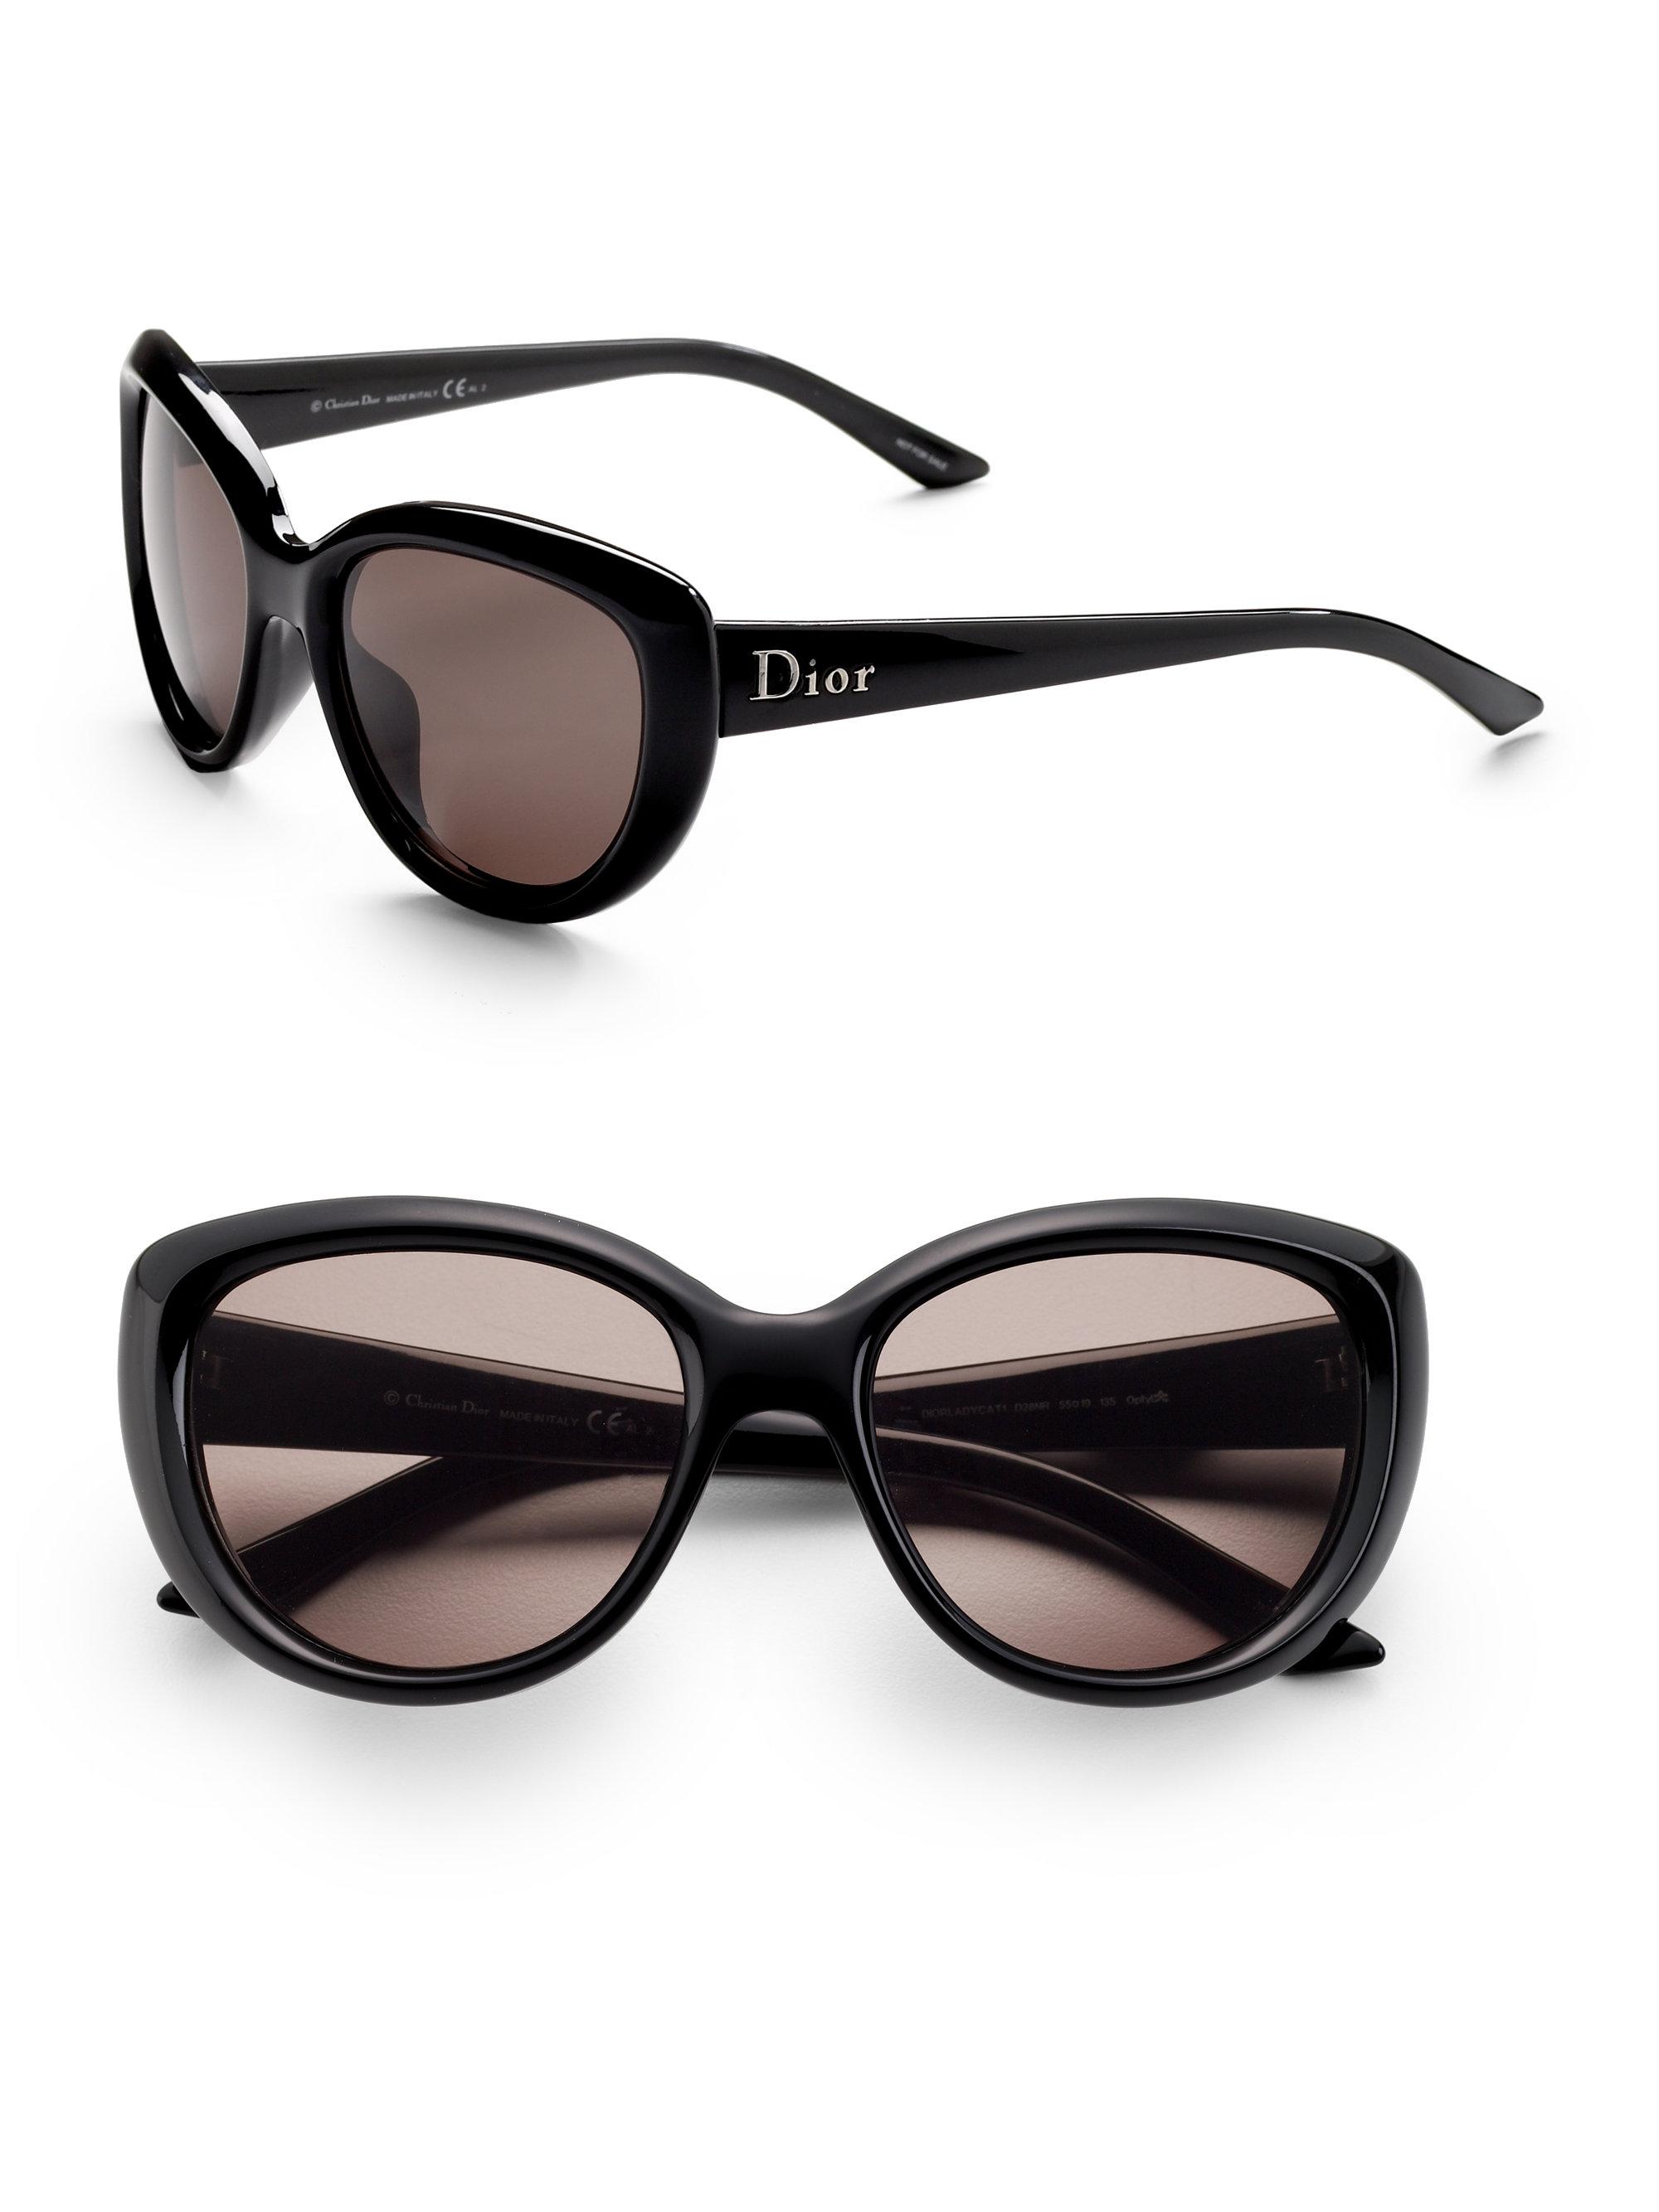 f91e8f9d64 Dior Lady Cat Sunglasses in Black - Lyst